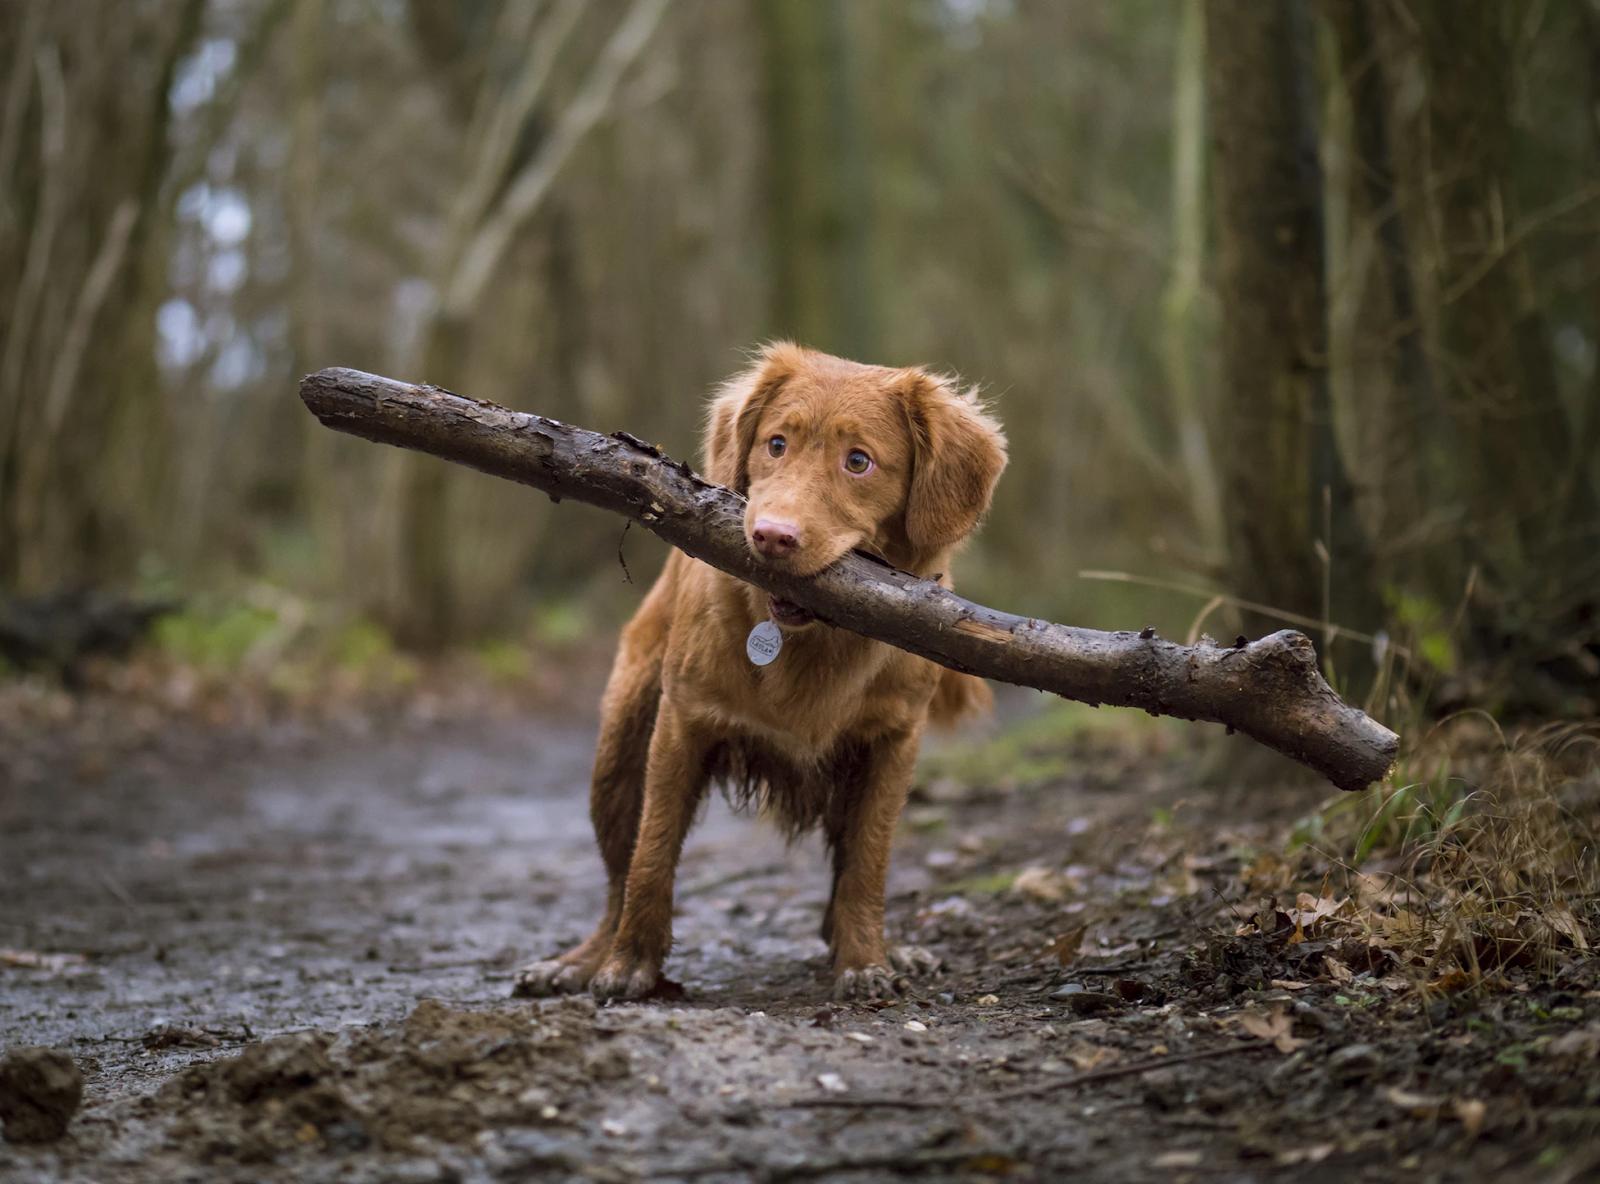 chien avec un énorme morceau de bois